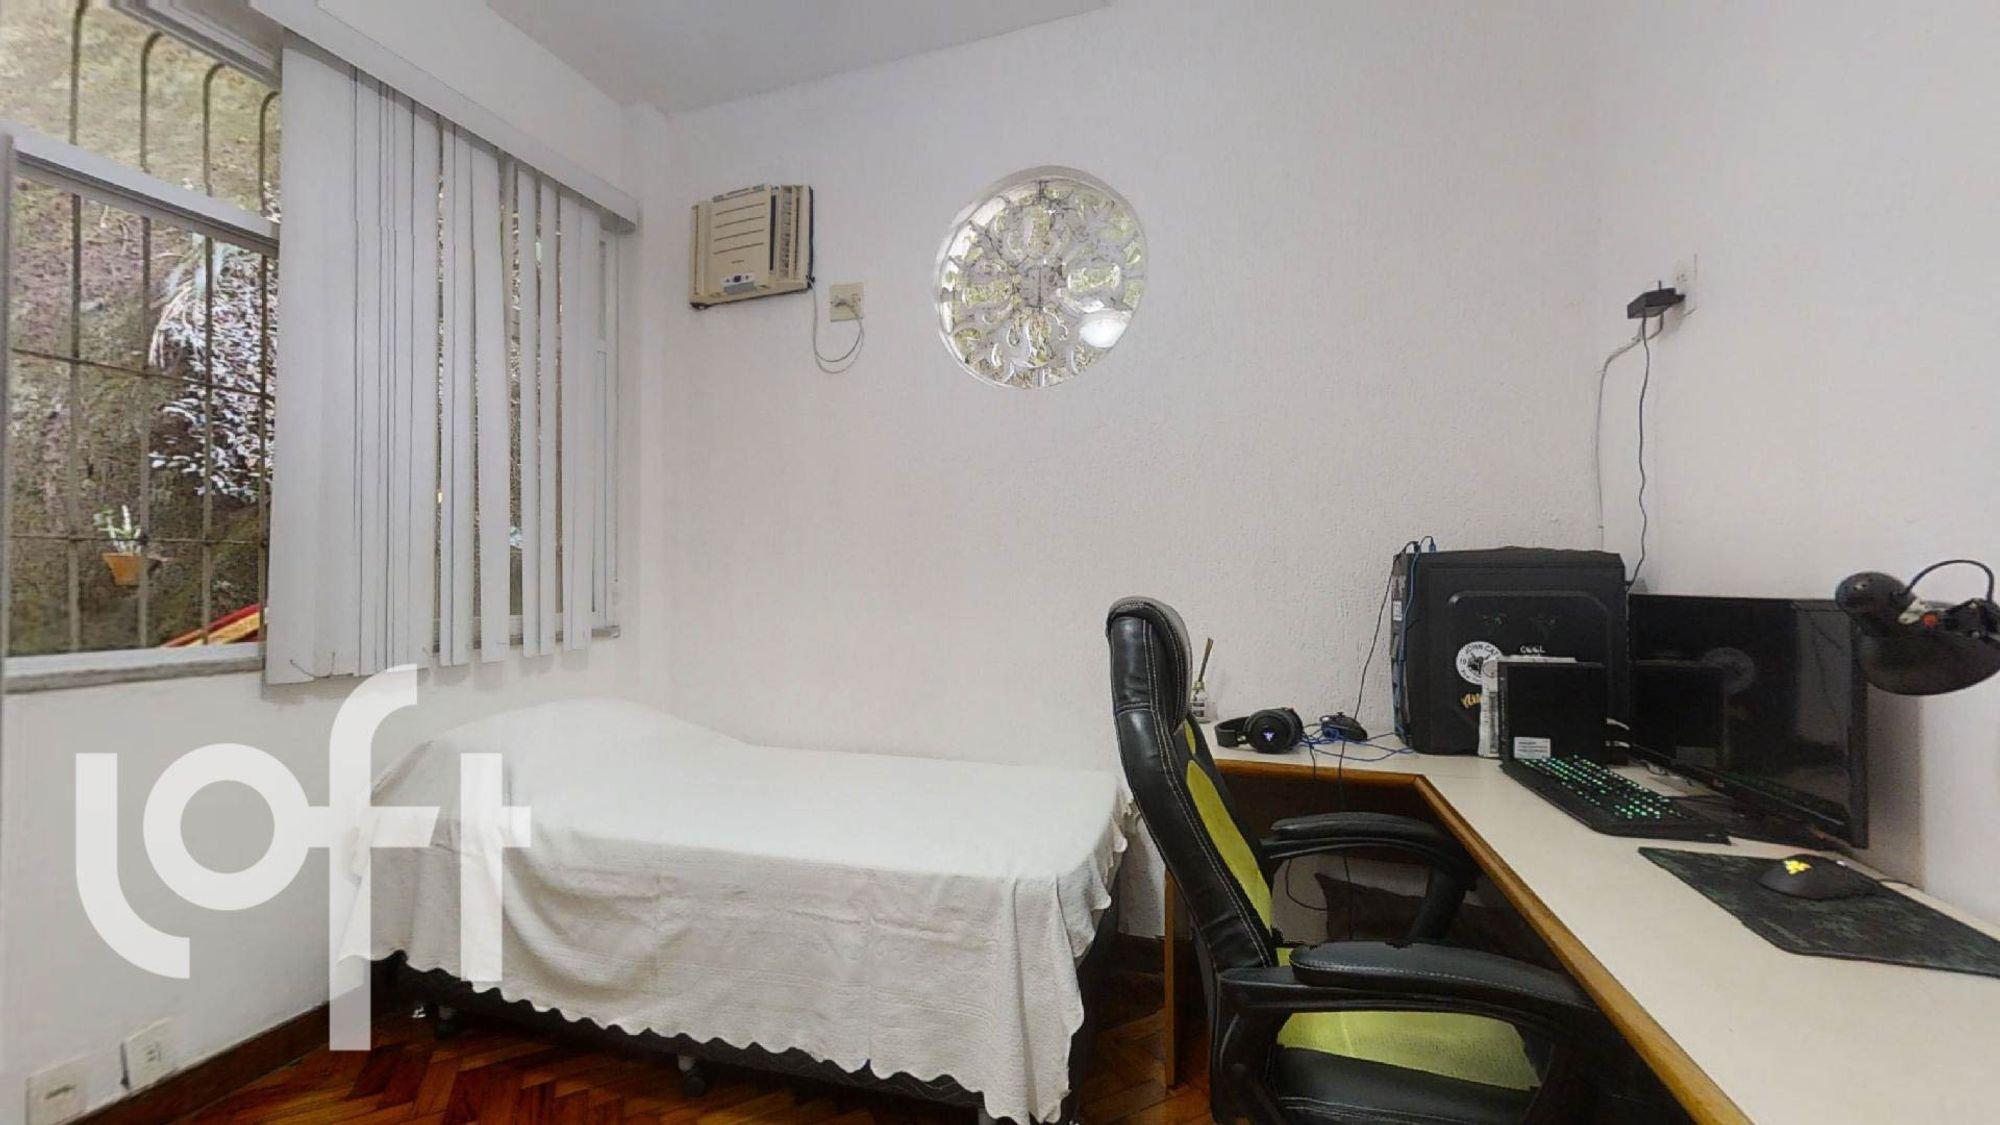 Foto de Sala com cama, mouse, cadeira